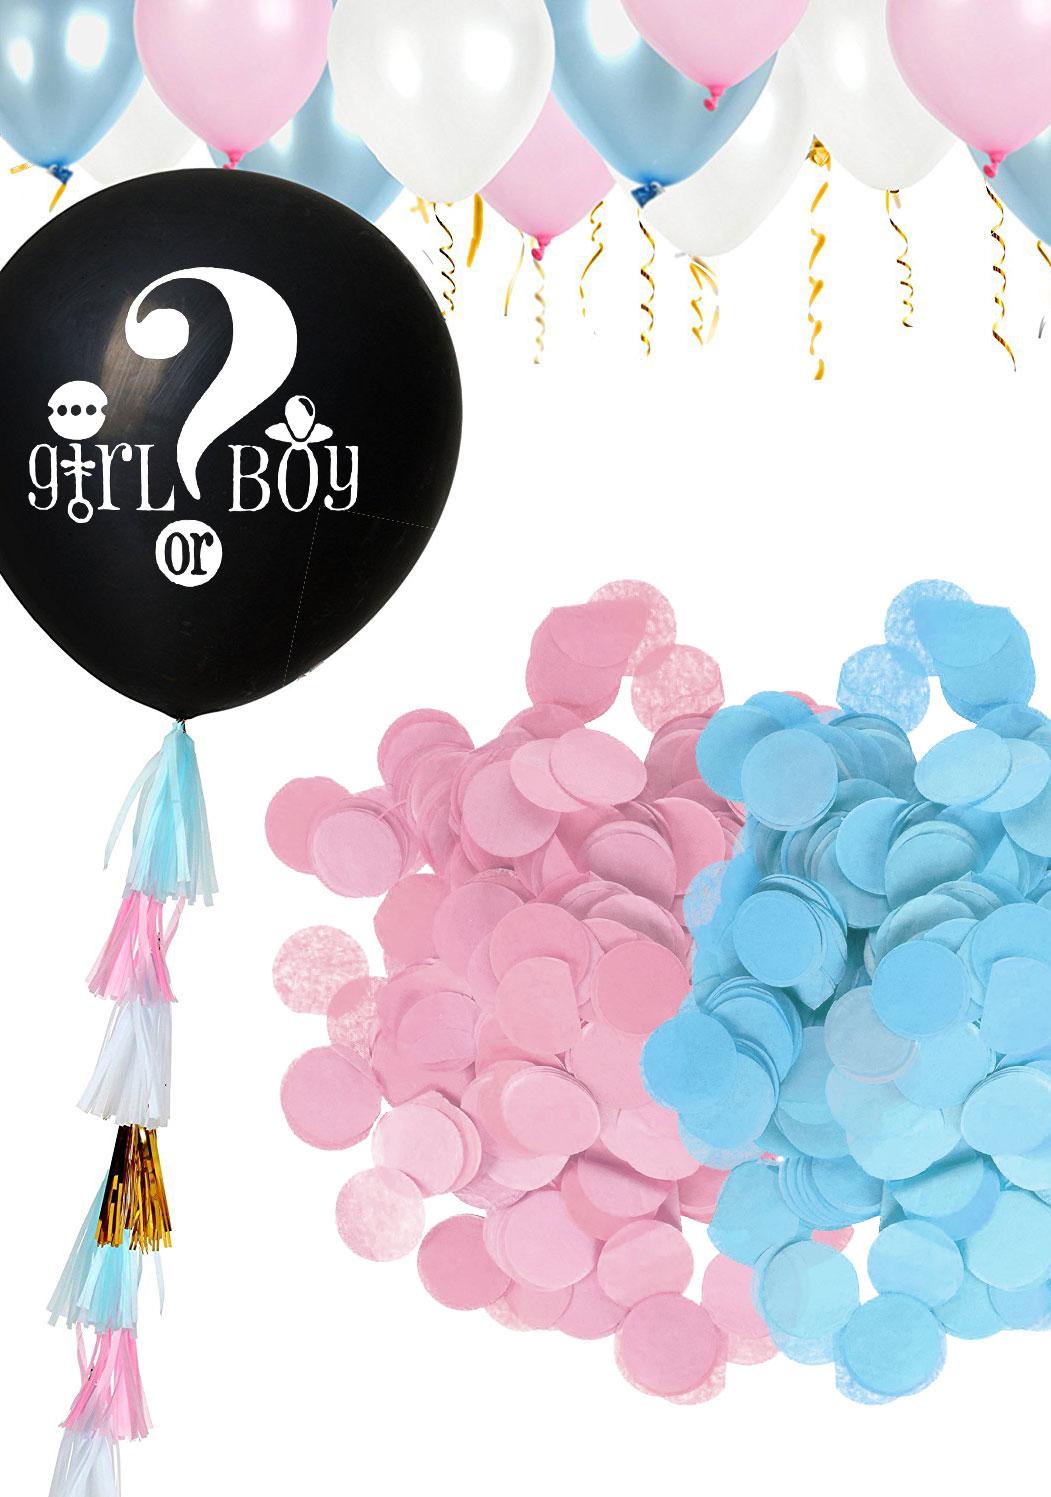 Les gros ballons confettis de votre Baby Shower